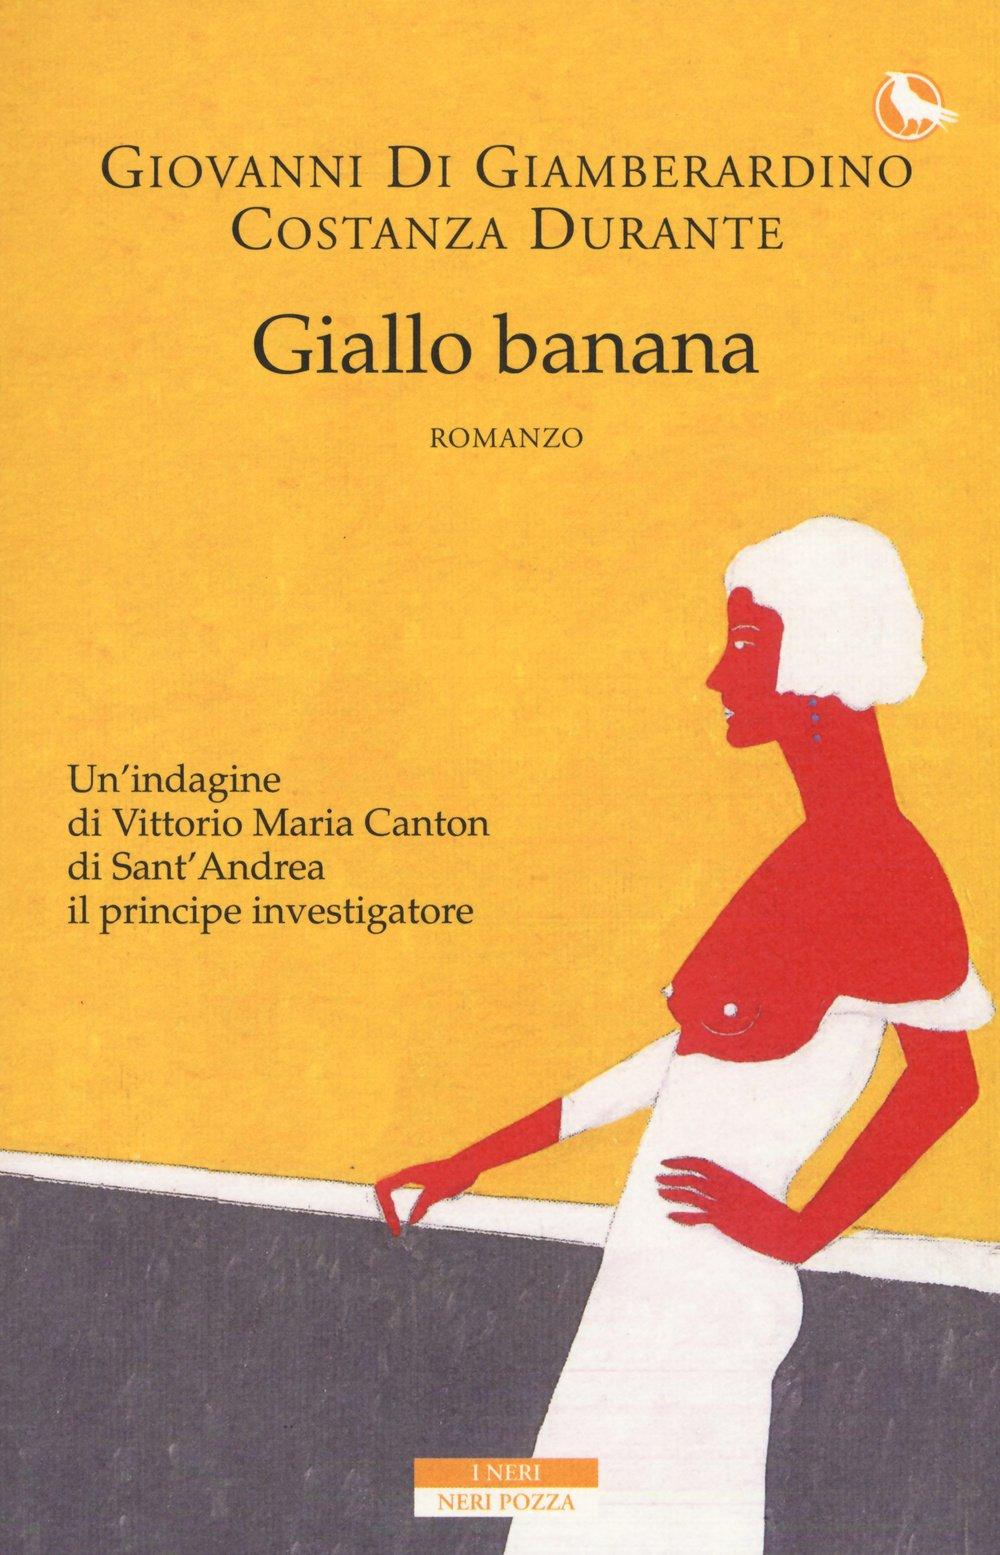 Costanza Durante, Giovanni Di Giamberardino Giallo banana